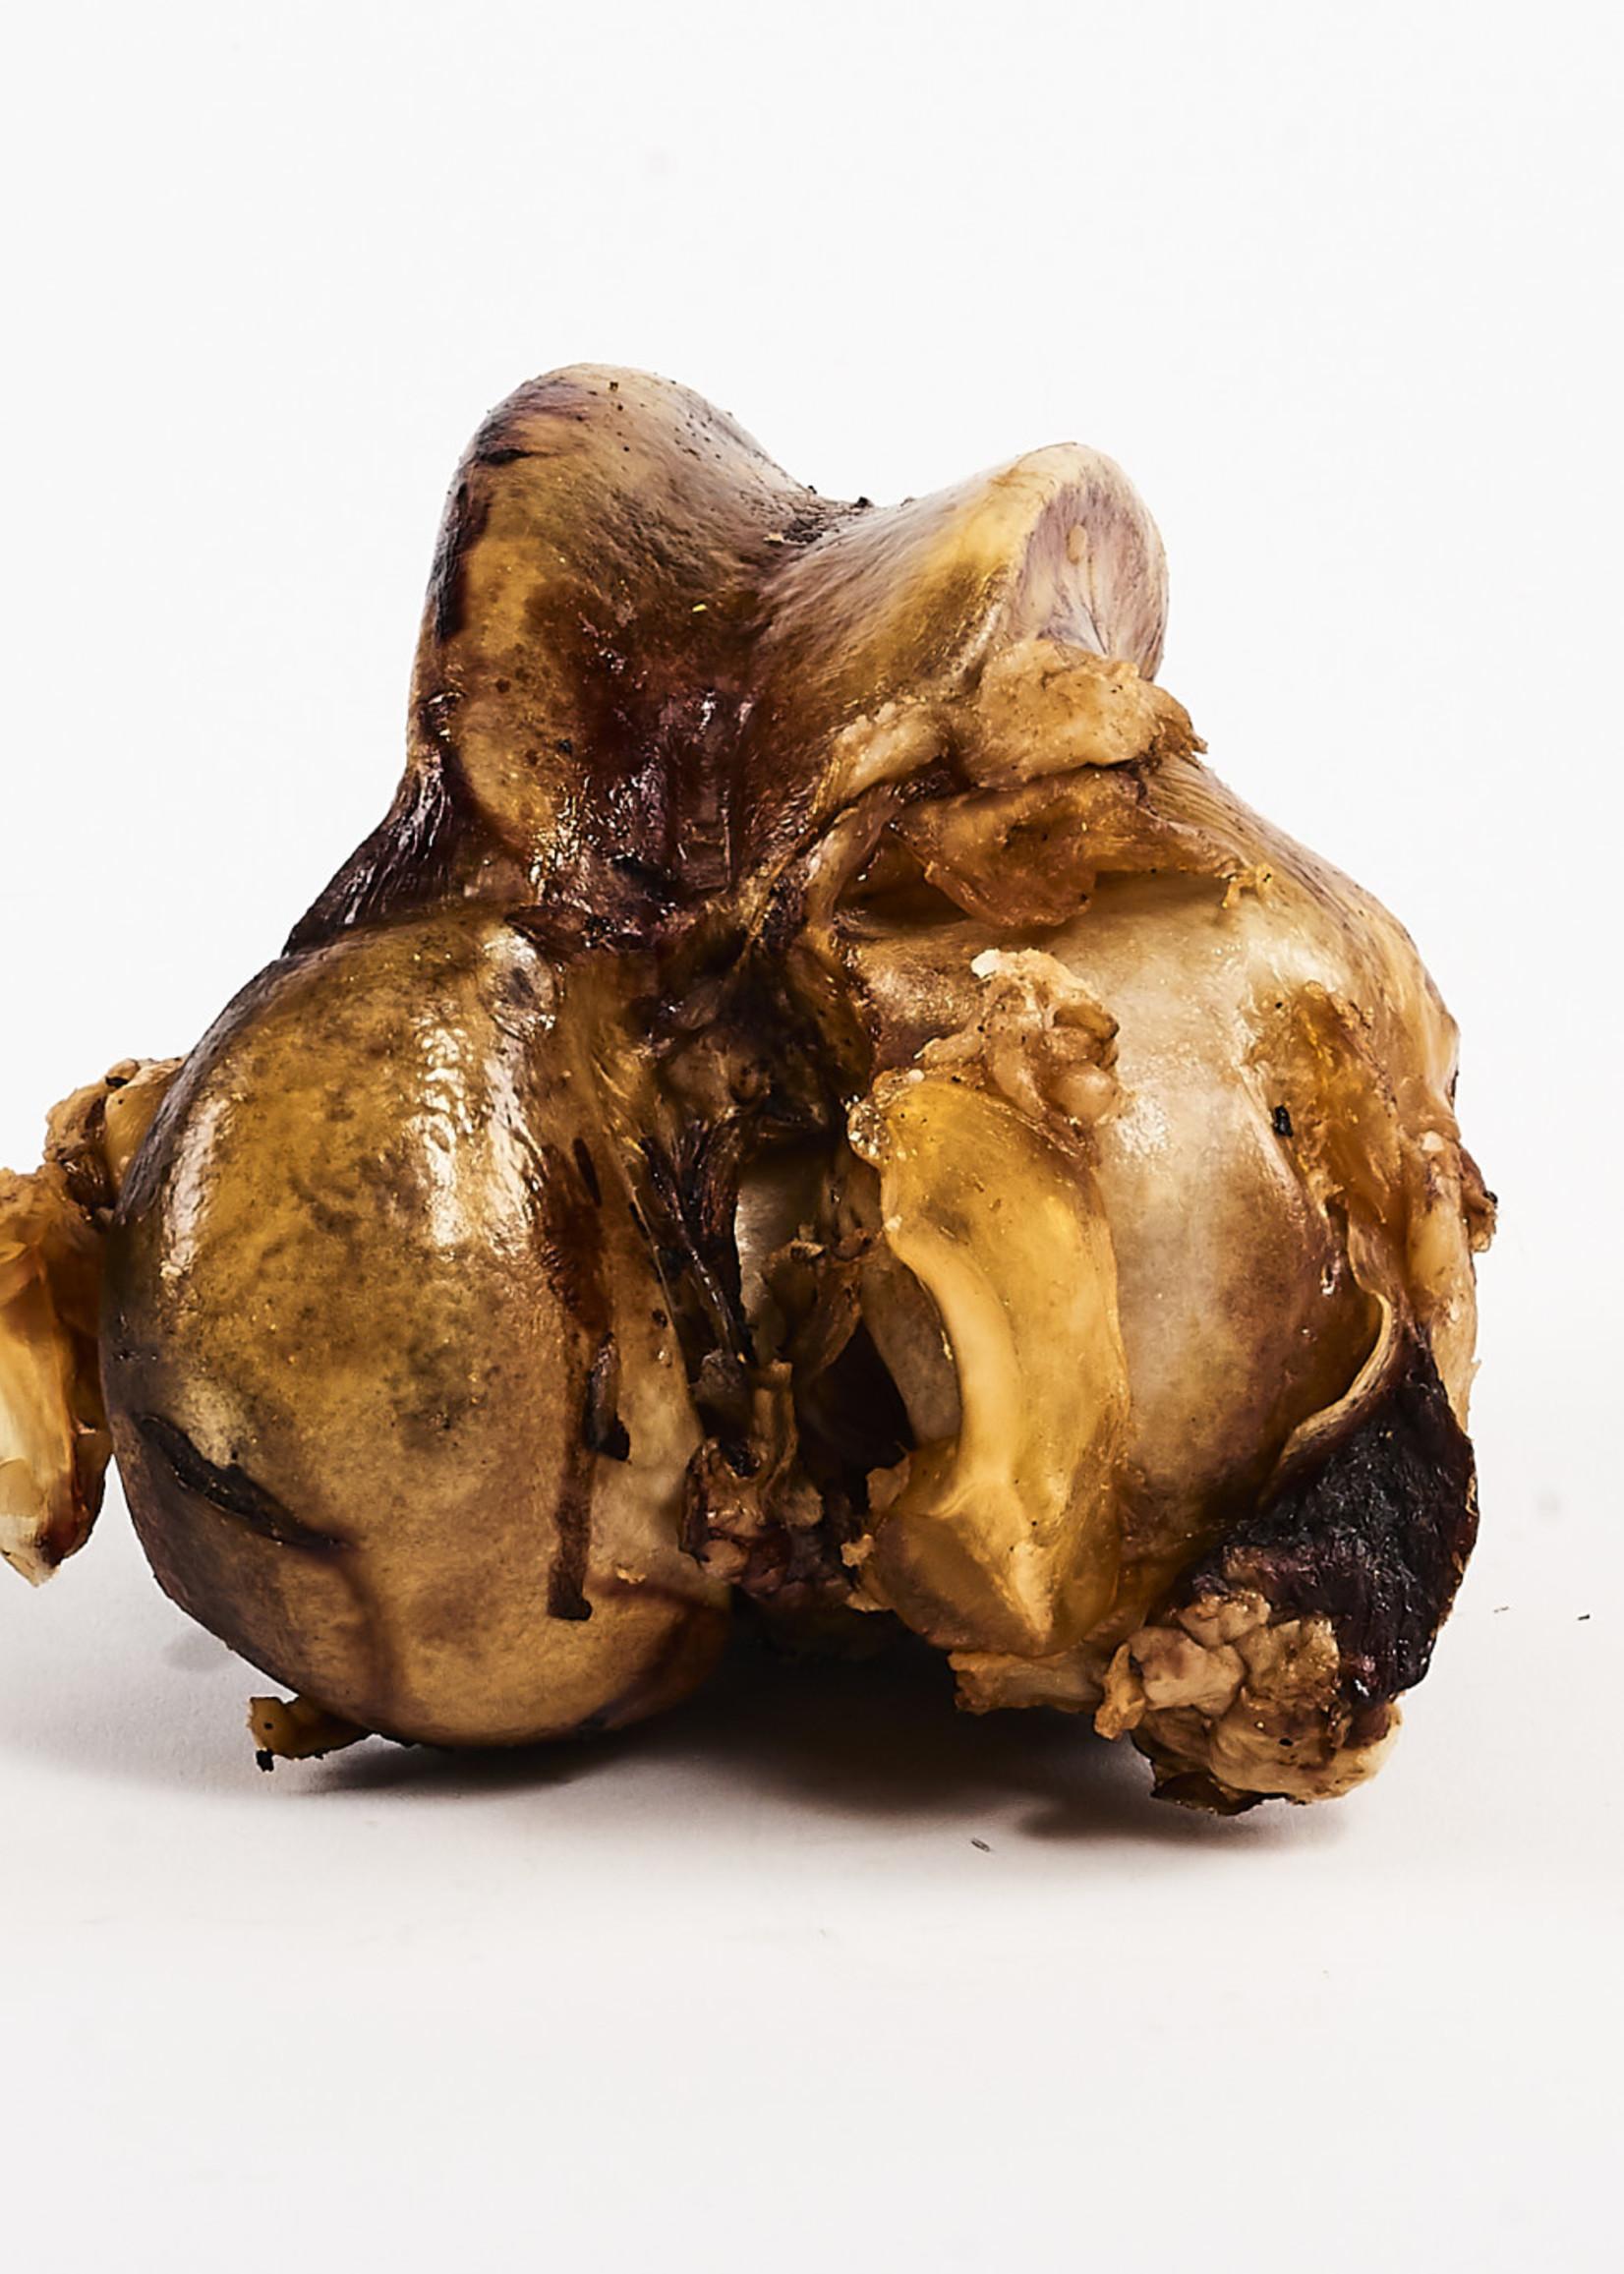 Artisan Farms® Artisan Farms Smoked Full Knuckle Bone